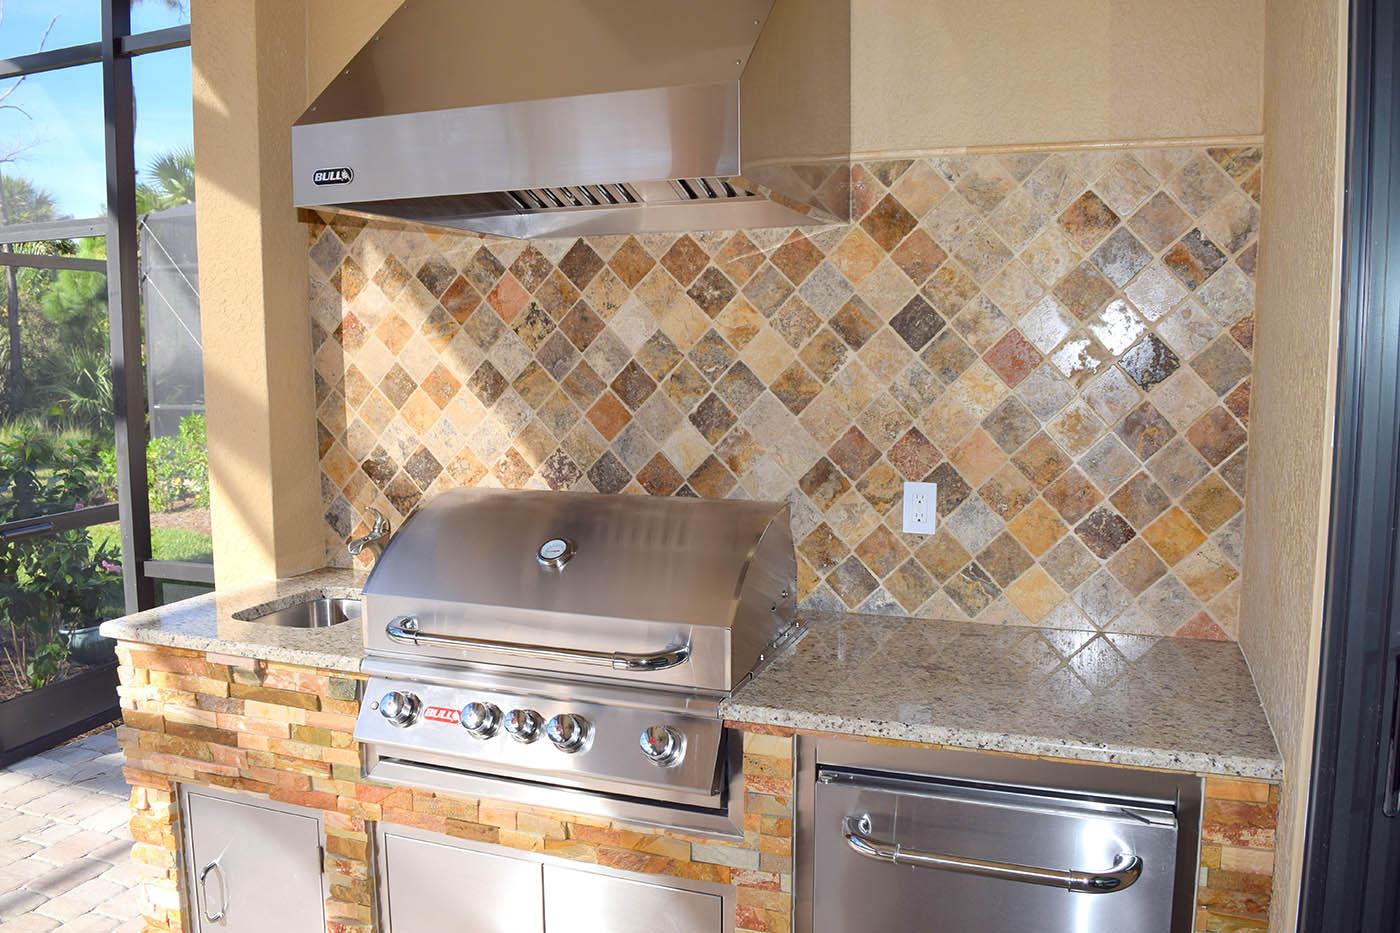 naples outdoor kitchens chadwick elegant outdoor kitchens lely naples community custom kitchen gallery